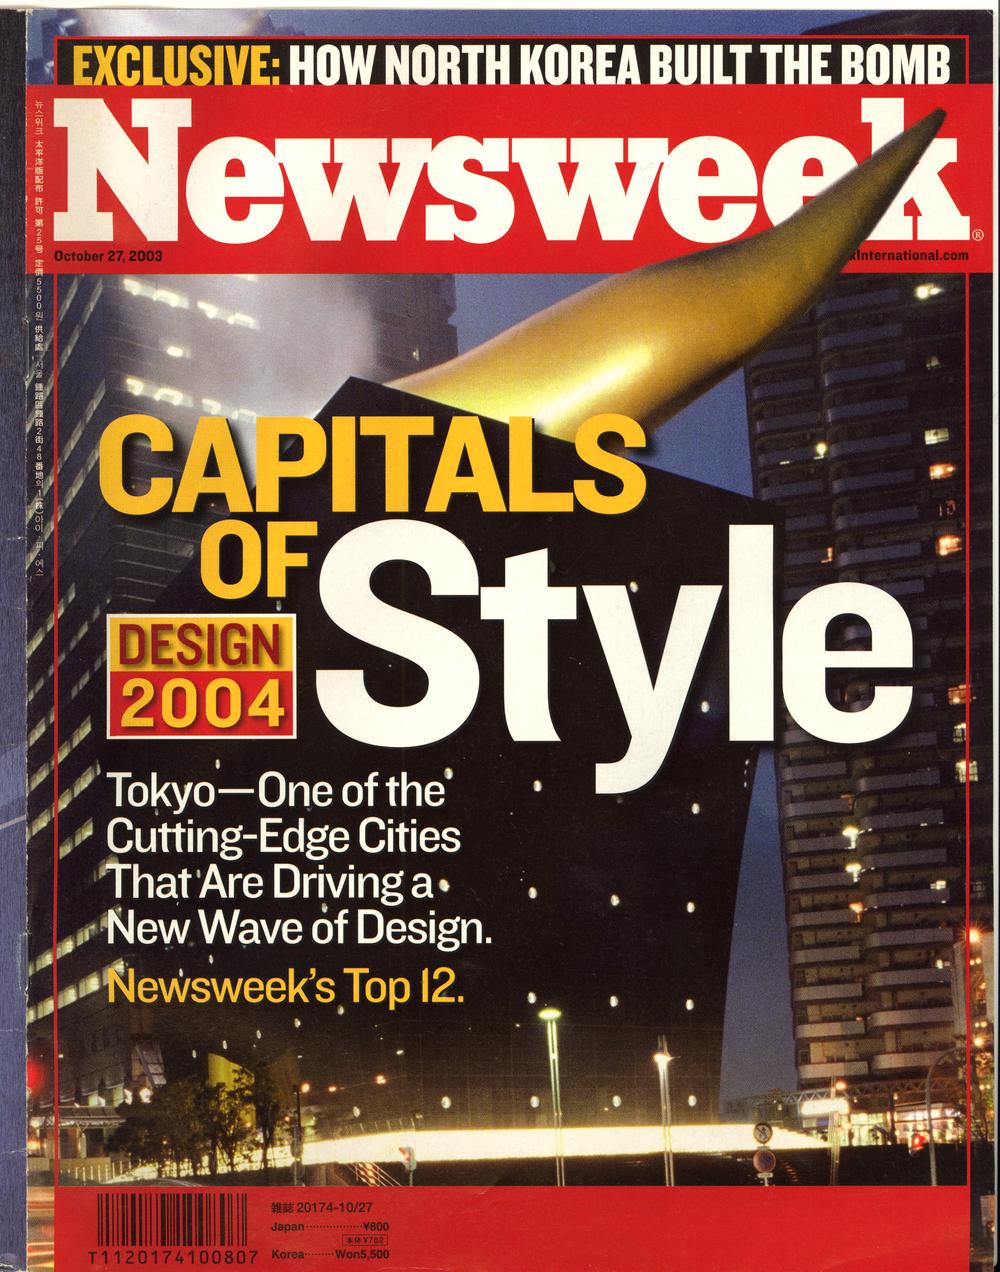 10222003_NEWSWEEK_NORTH KOREA_COVER.jpg